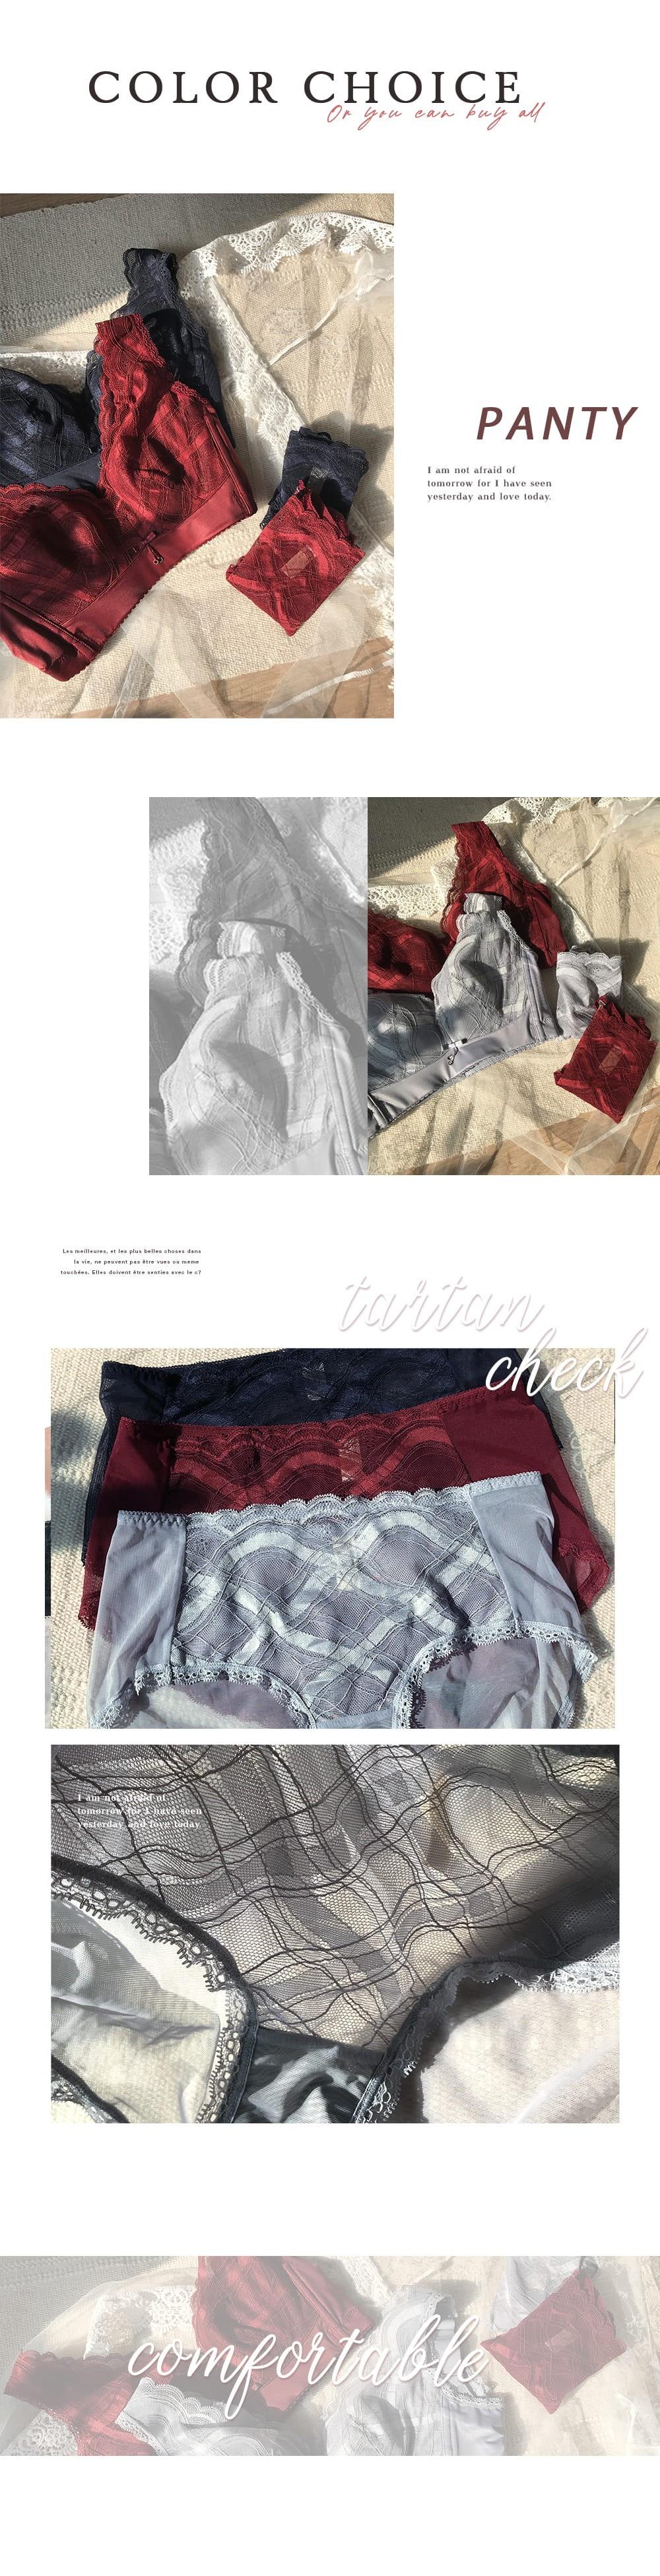 無鋼圈典雅黛妃調整型內衣單件 3色